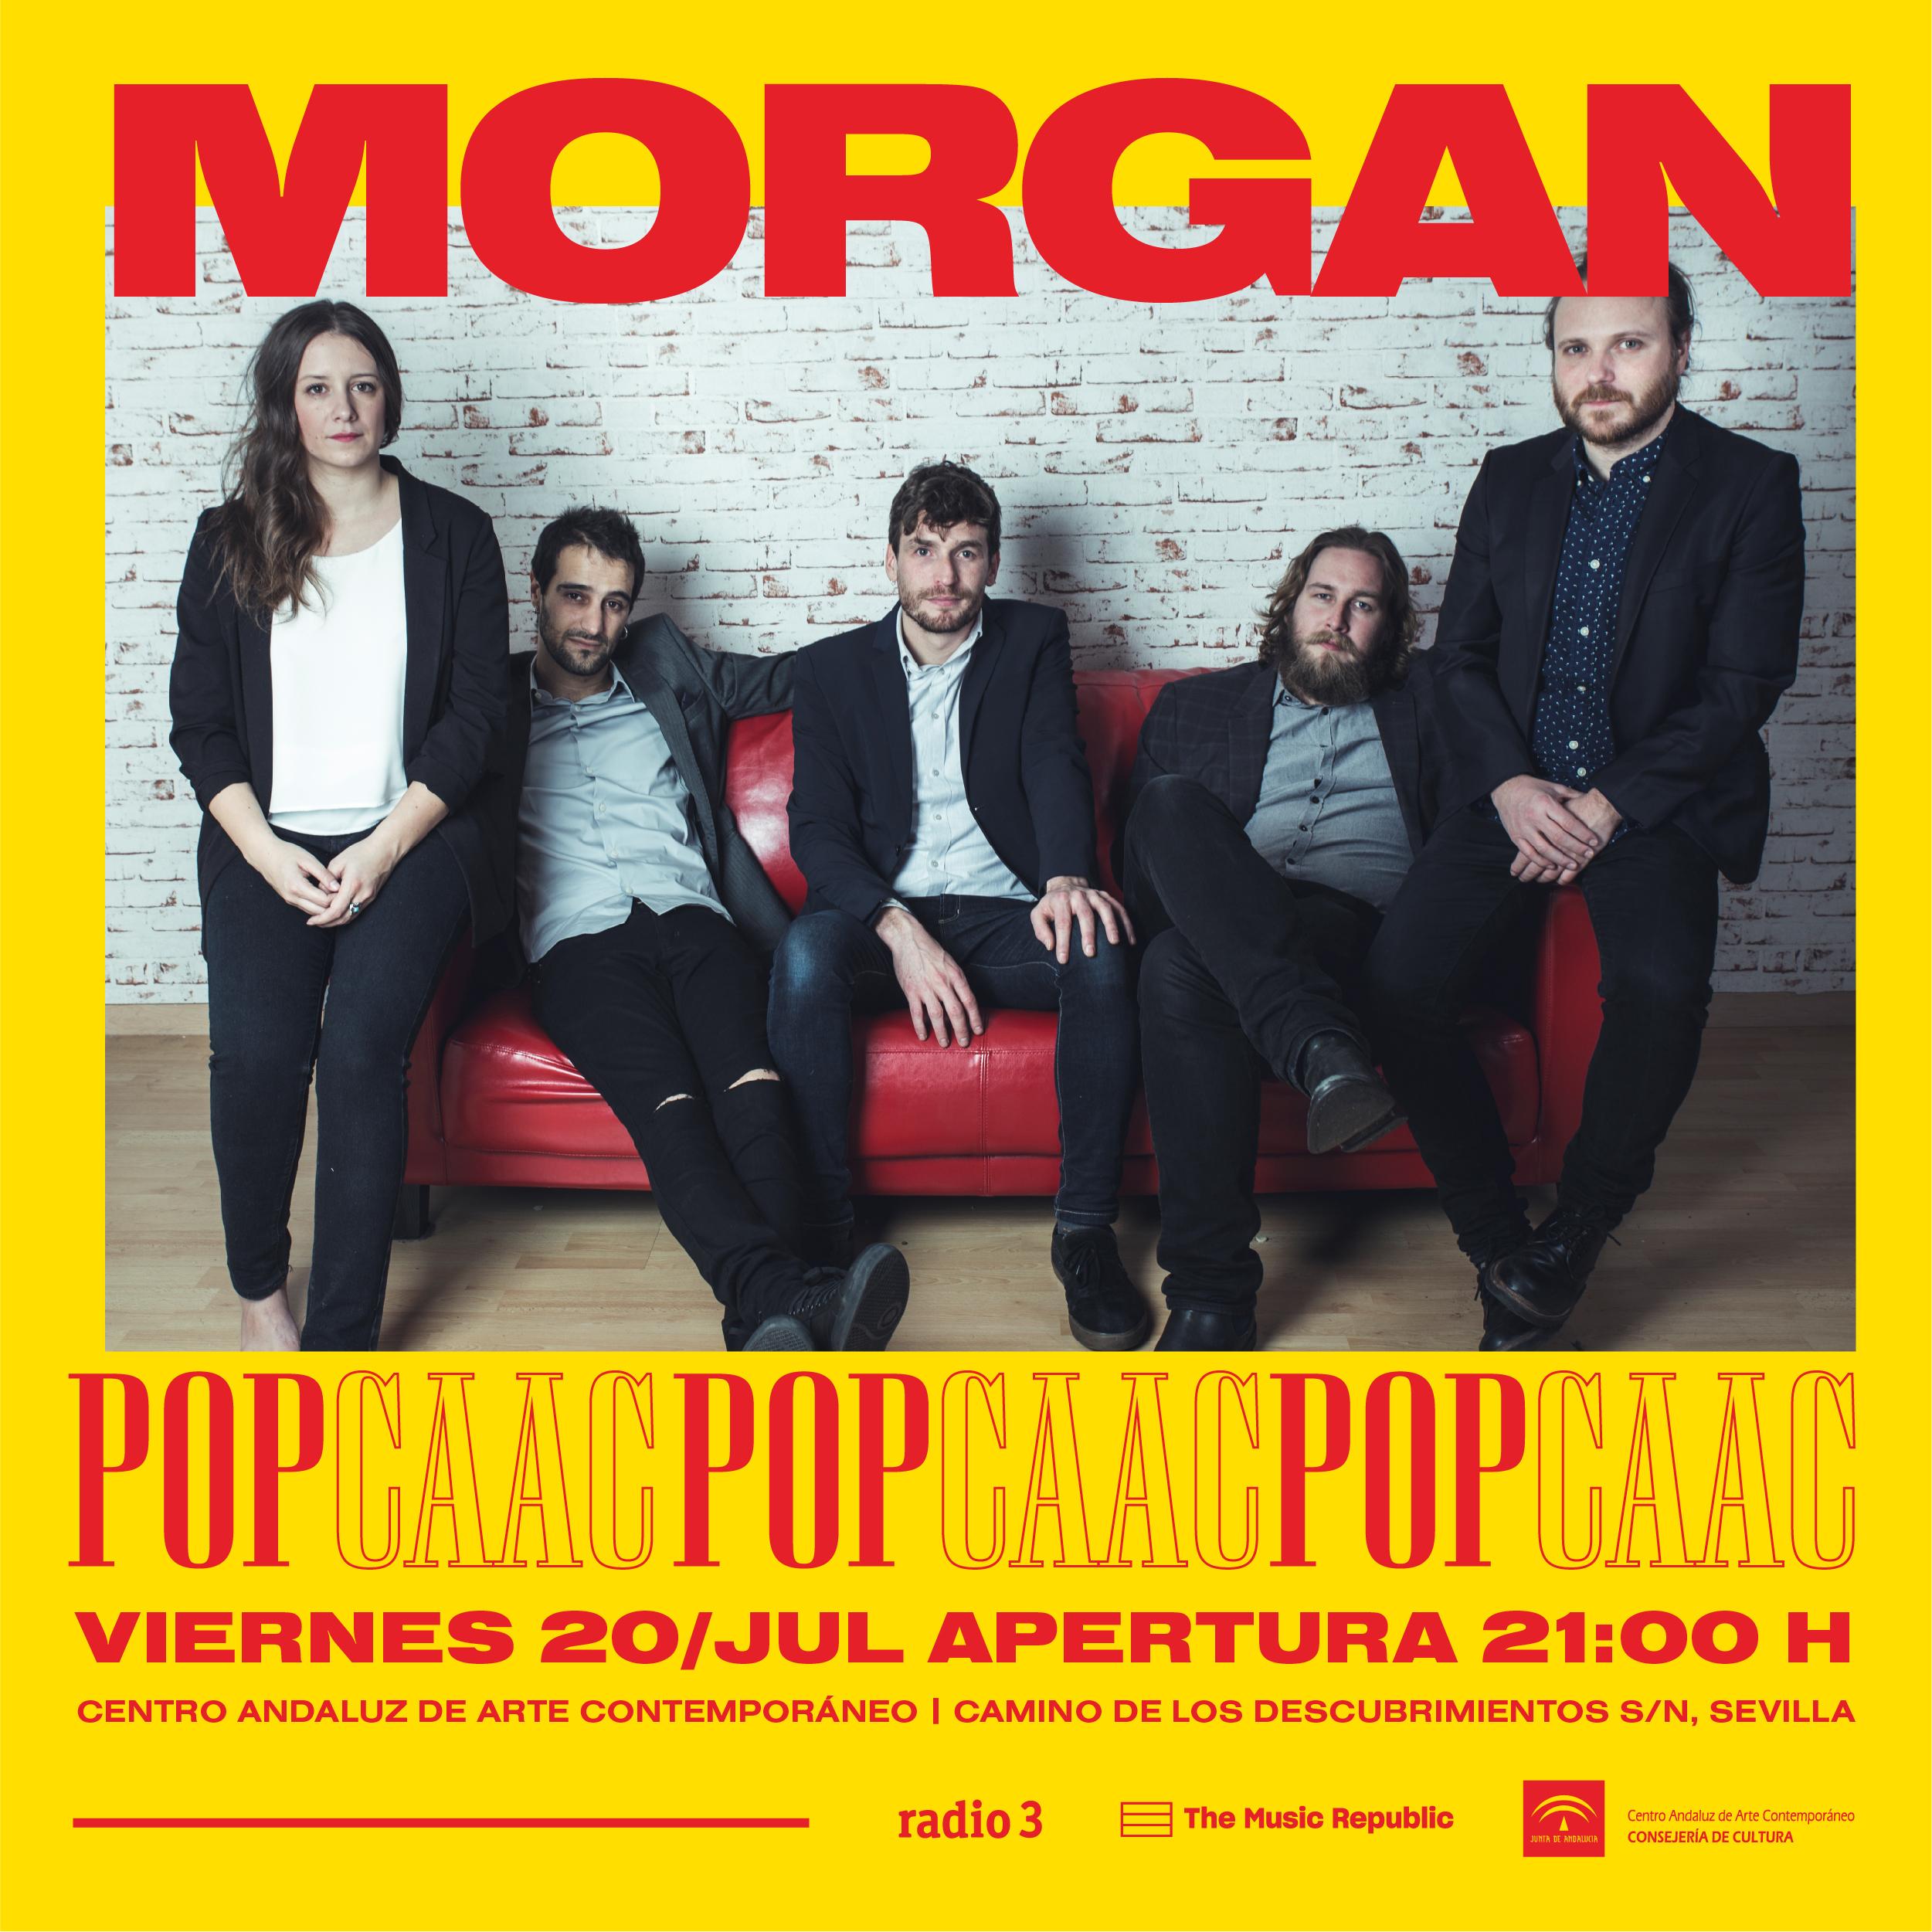 Morgan en el POPCAAC